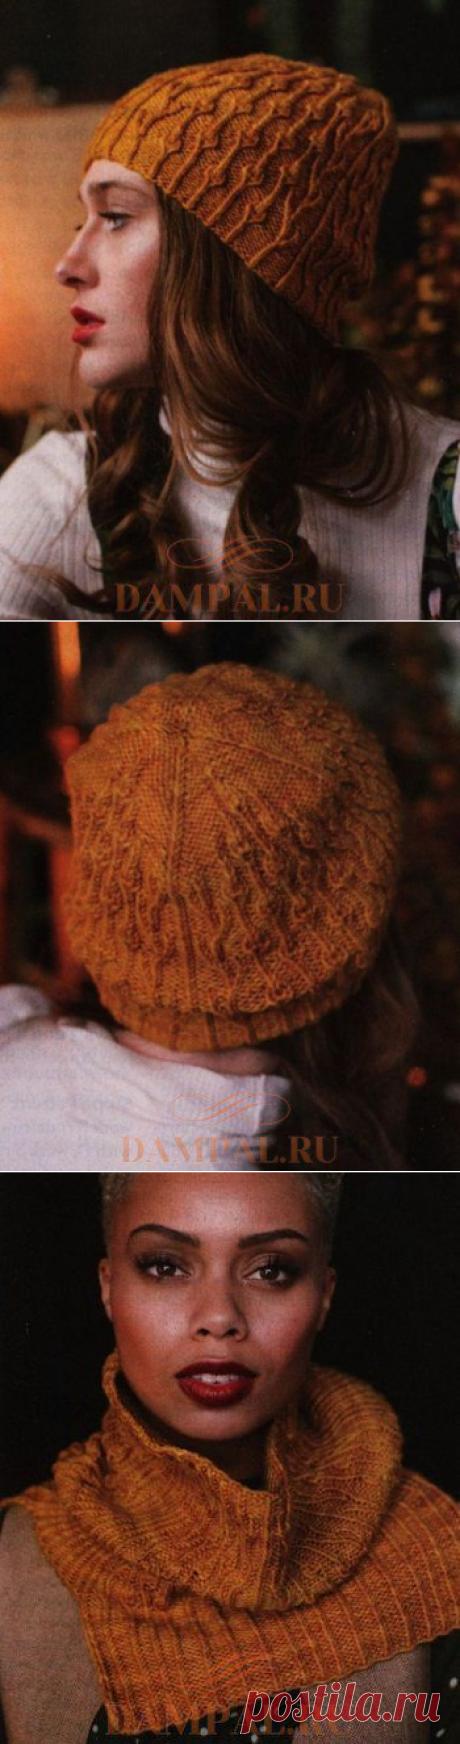 Вязаные шапка и шарф «Золотарник» | DAMские PALьчики. ru